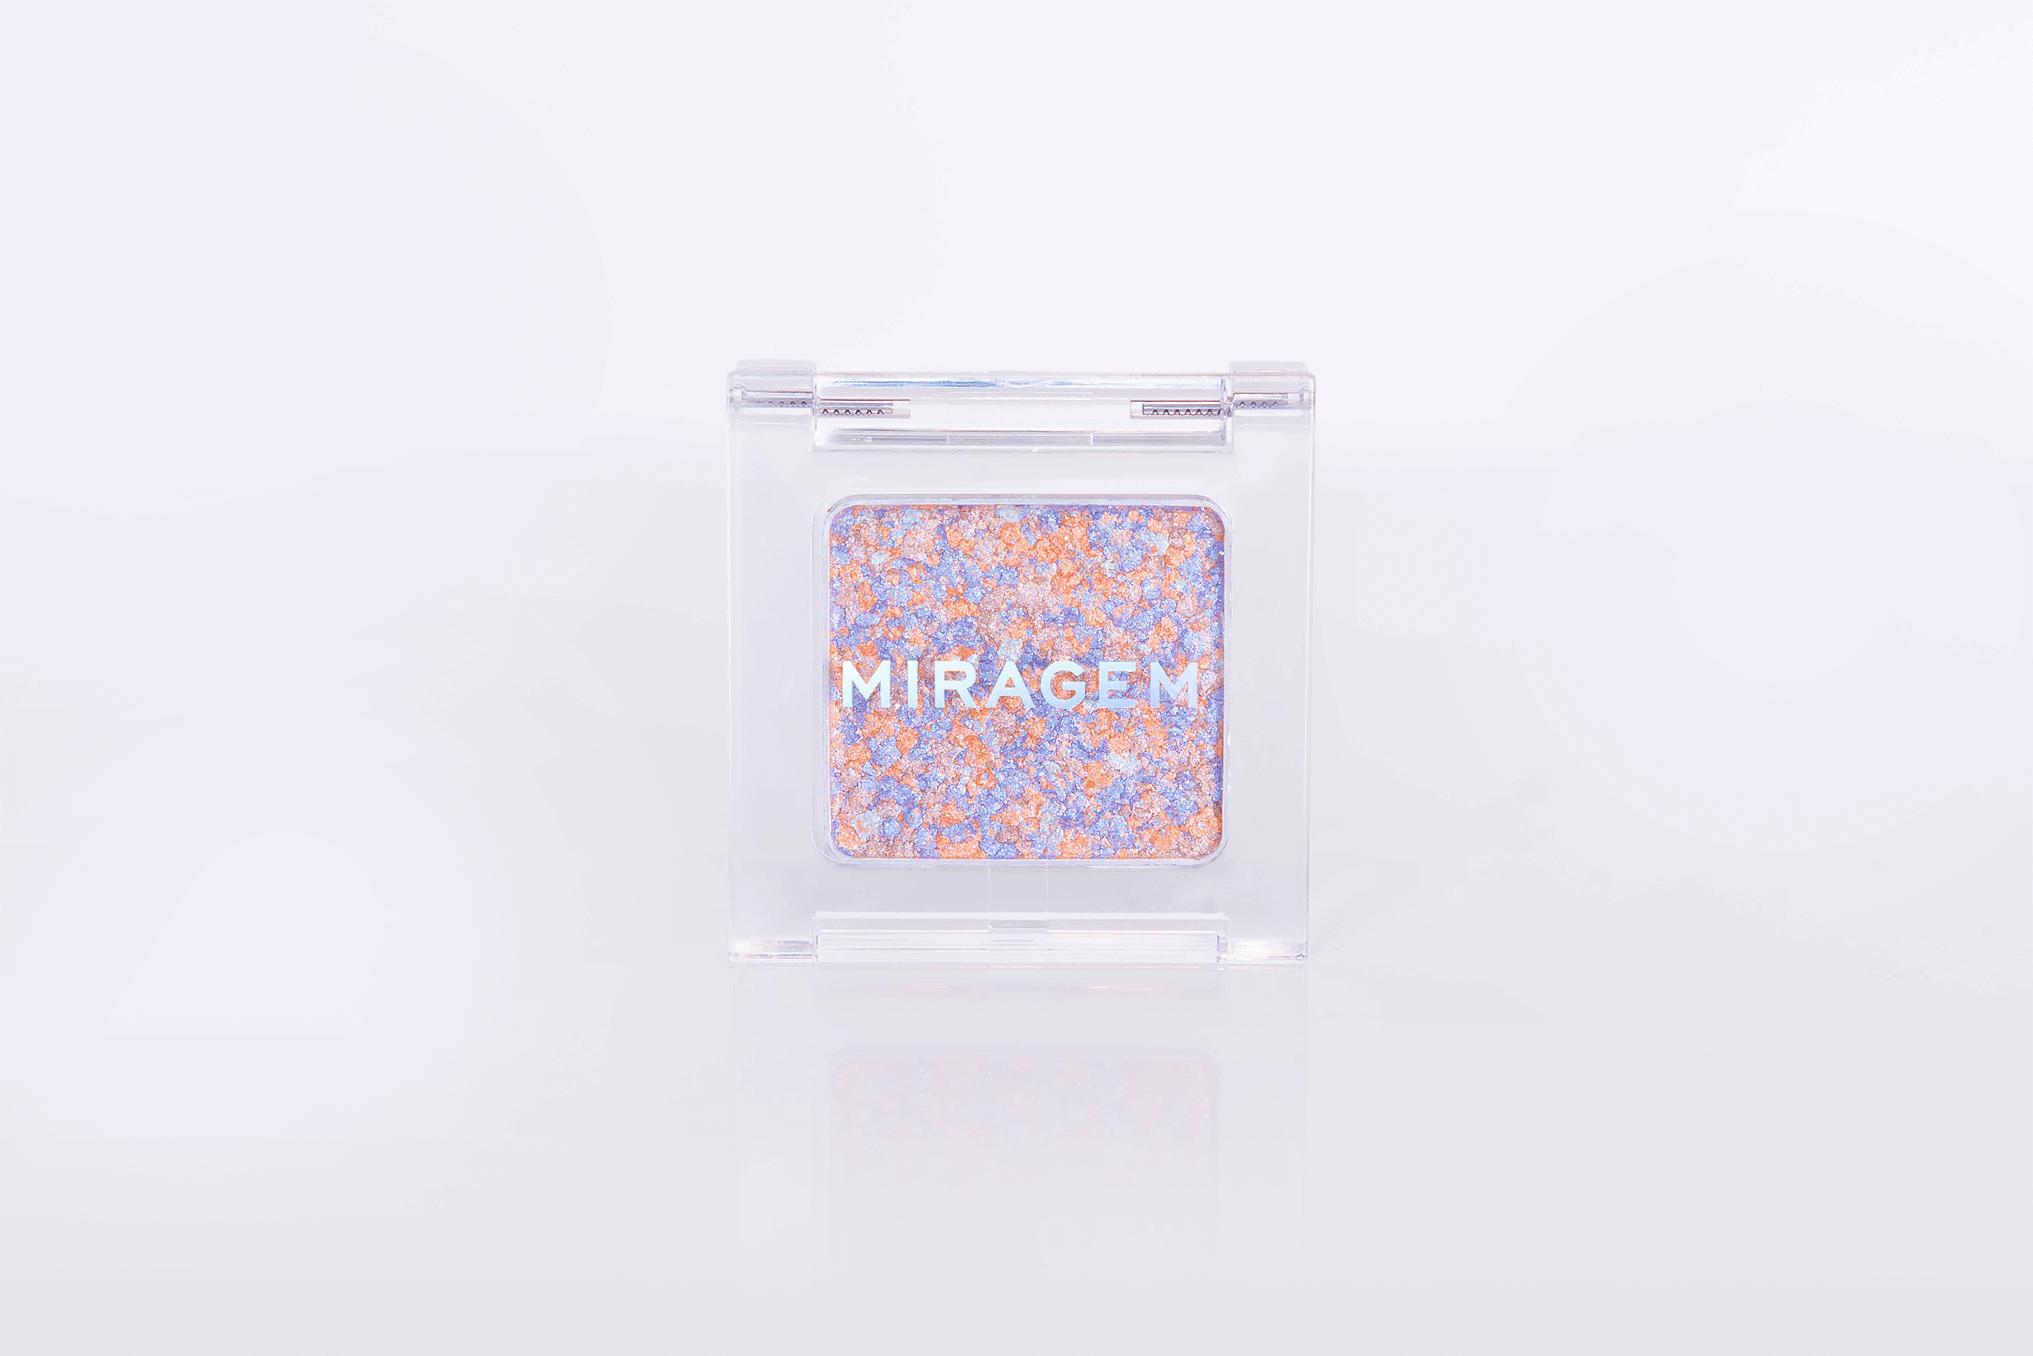 MIRAGEM(ミラジェム)のグリッタースプリンクルアイズ 02 ユニコーンドリーム/¥2,100(税抜き)